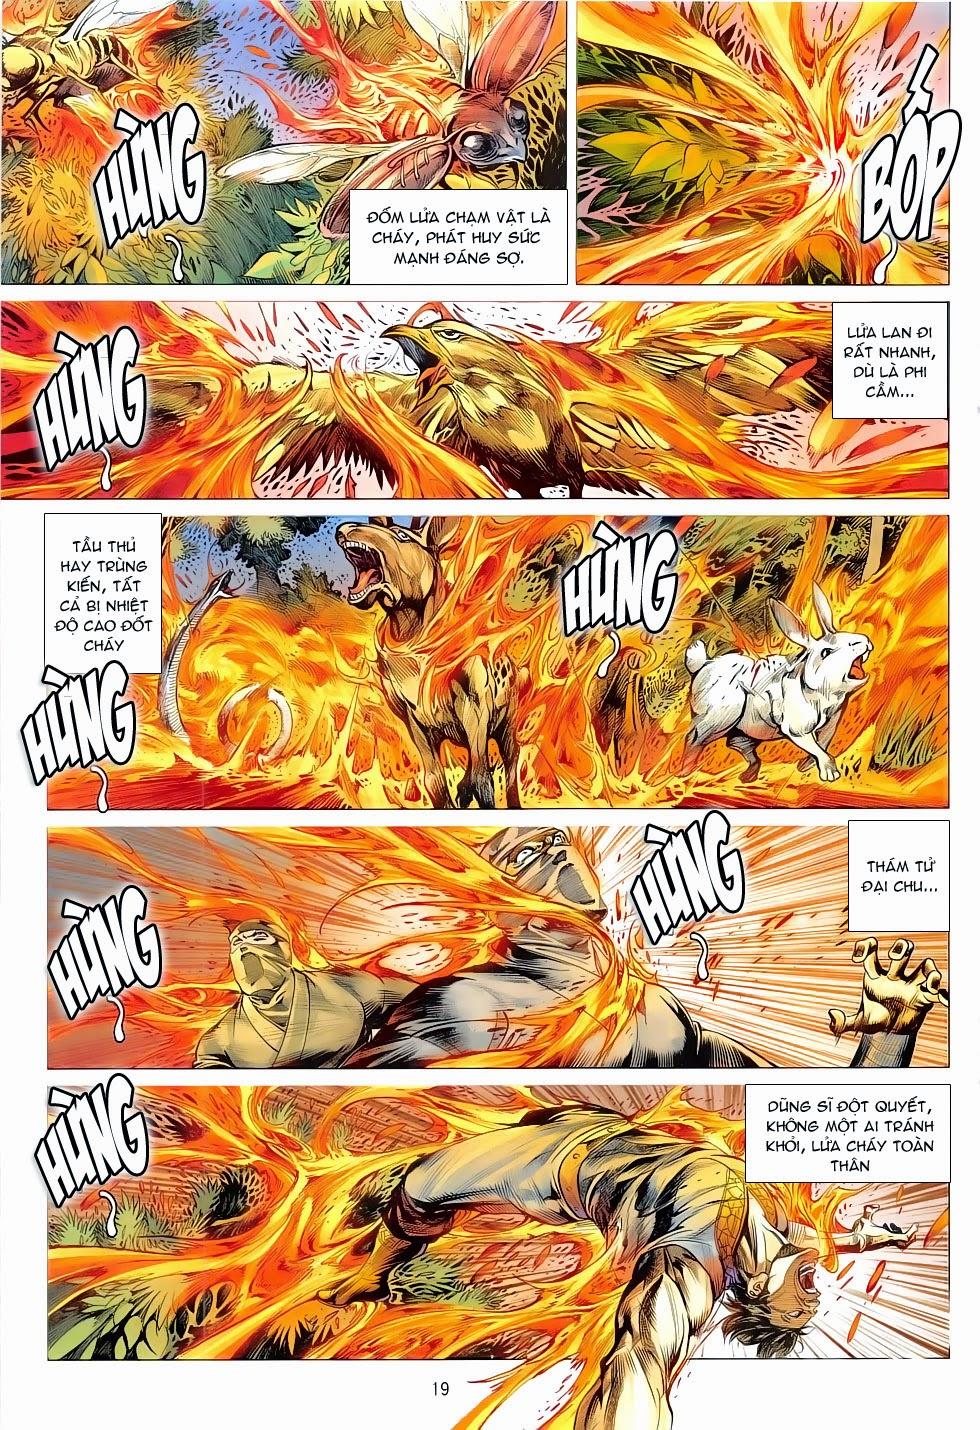 xem truyen moi - CHIẾN PHỔ - Chapter 11: Liệp Hỏa Xưng Hoàng